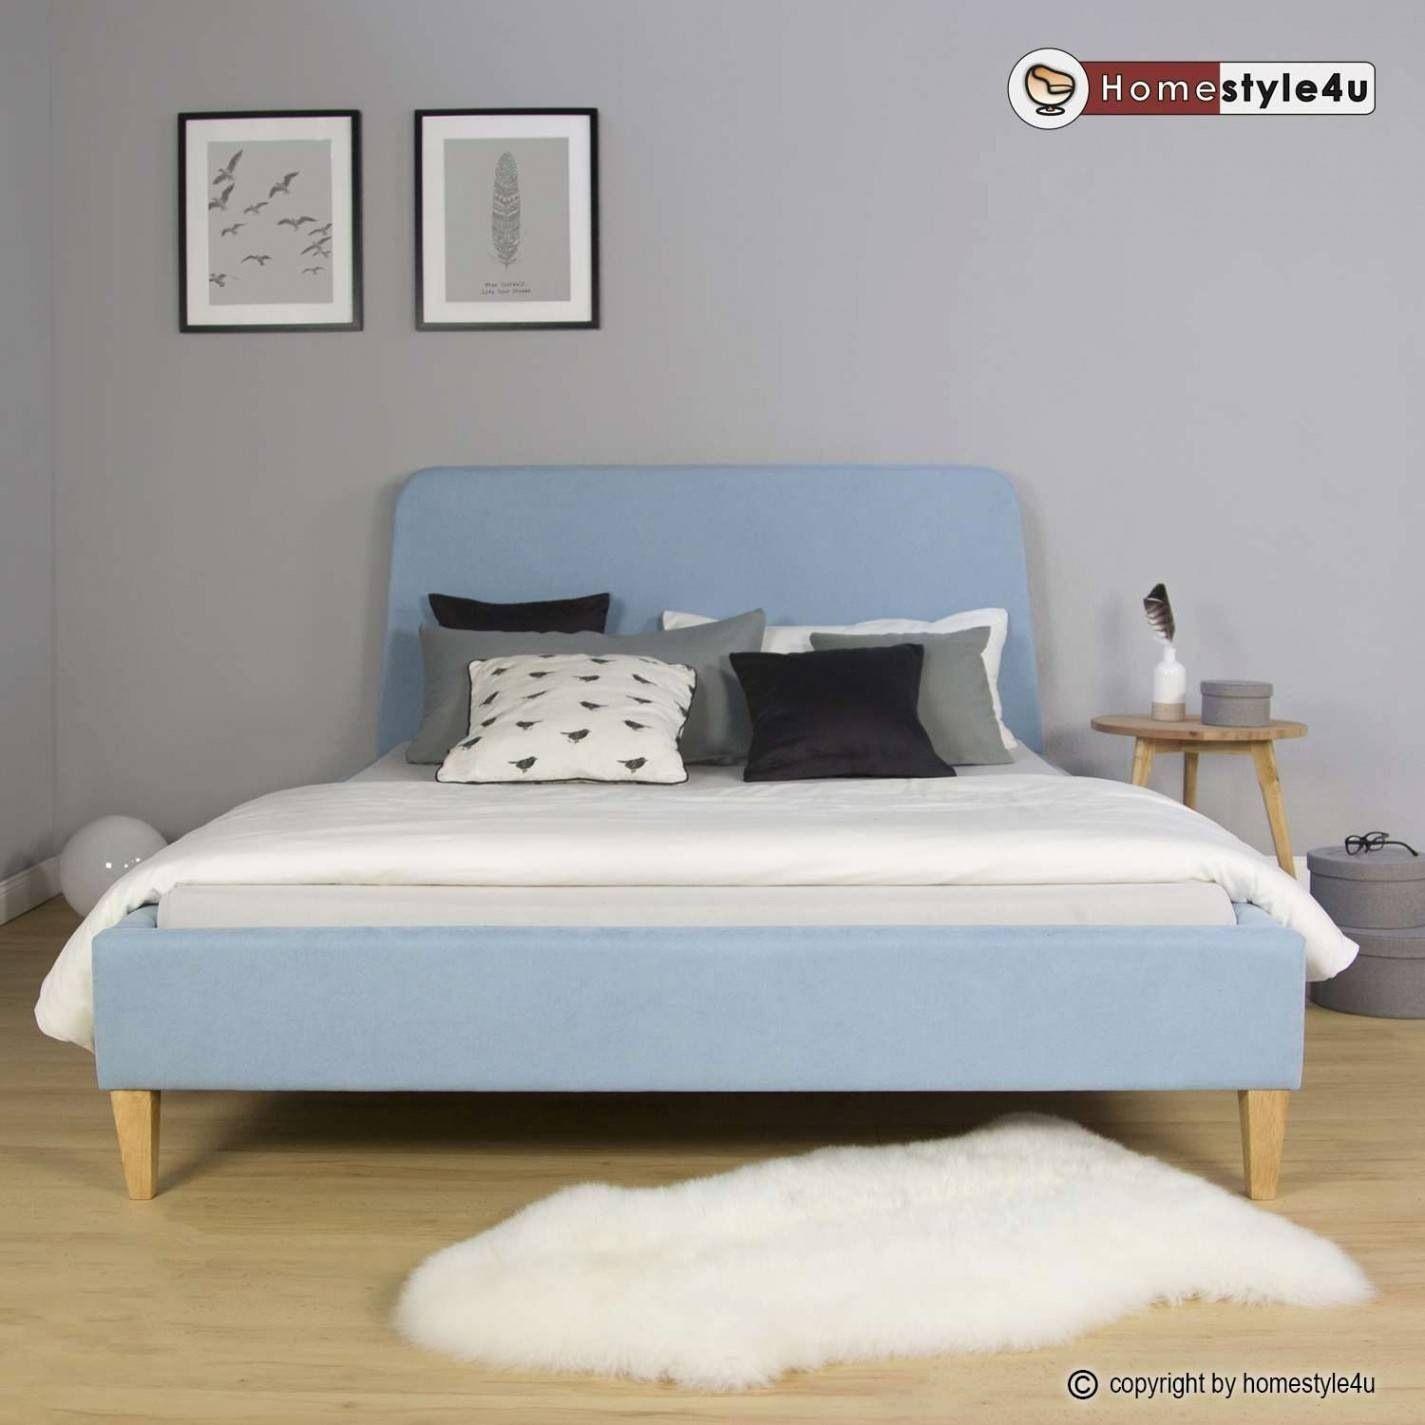 Full Size of Klappbares Doppelbett Bauen Bett Klappbar Elegant Und Tuch 50 Schn Me Ausklappbares Wohnzimmer Klappbares Doppelbett